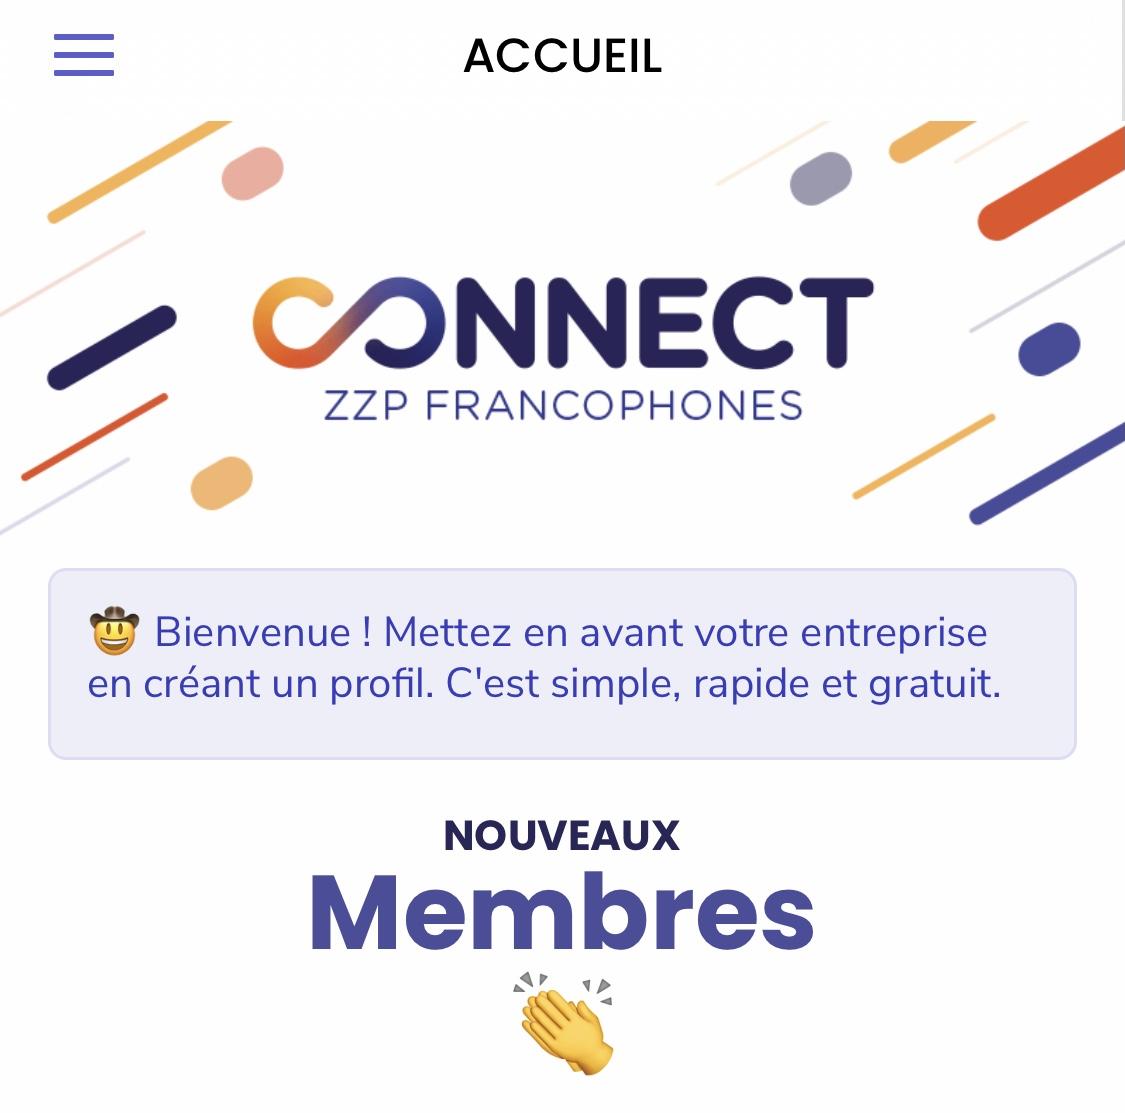 Enfin une app vraiment au service des solo-entrepreneurs zzp francophones des Pays-Bas